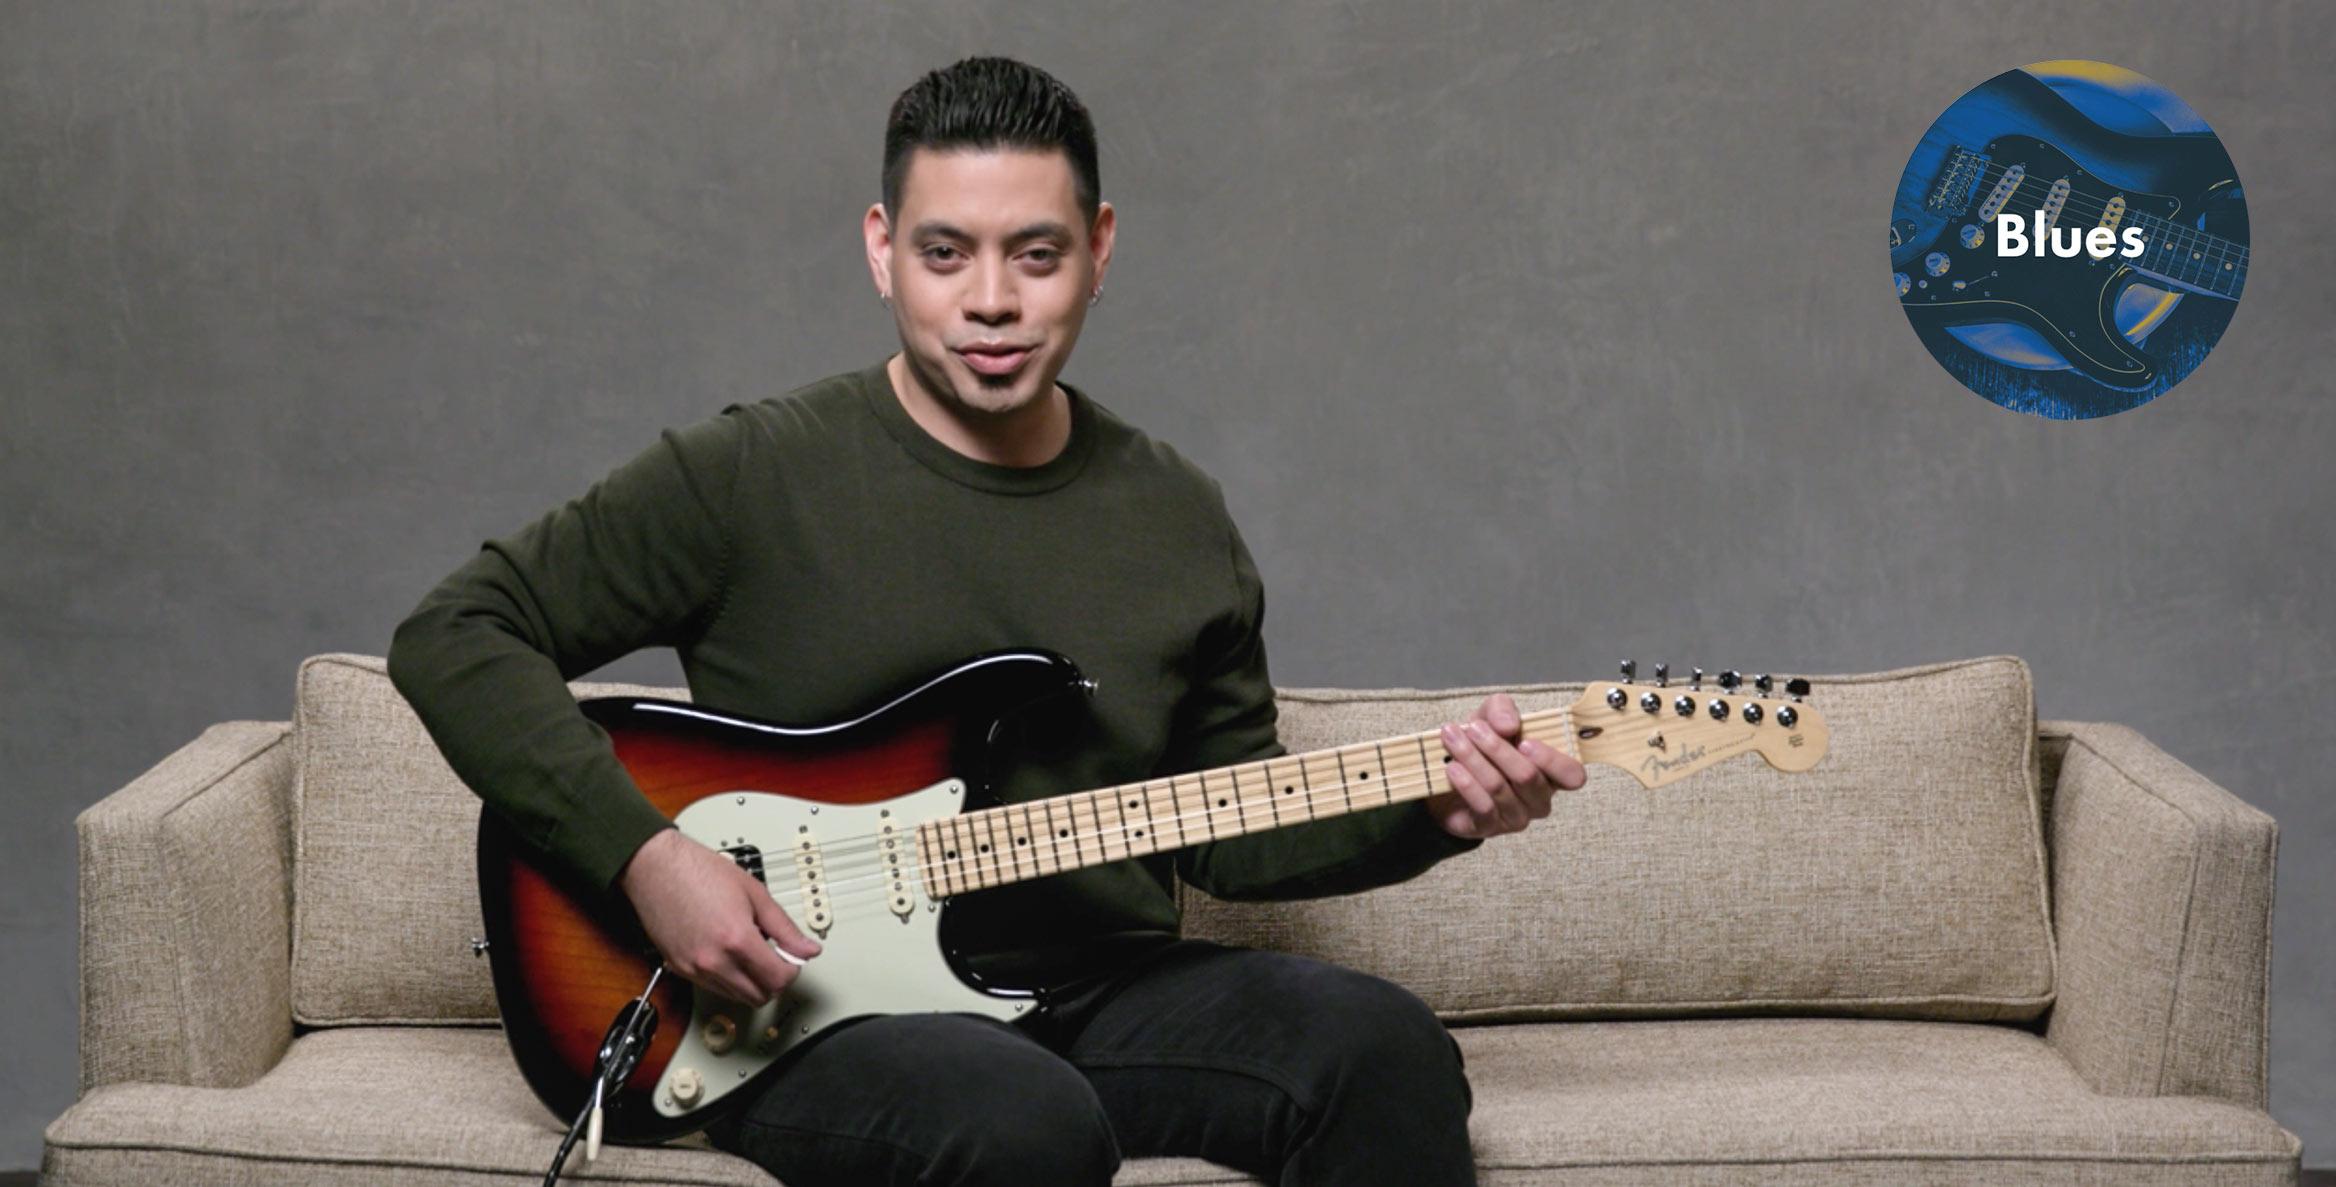 10 Easy Blues Songs on Guitar | Beginner Songs & Chords | Fender